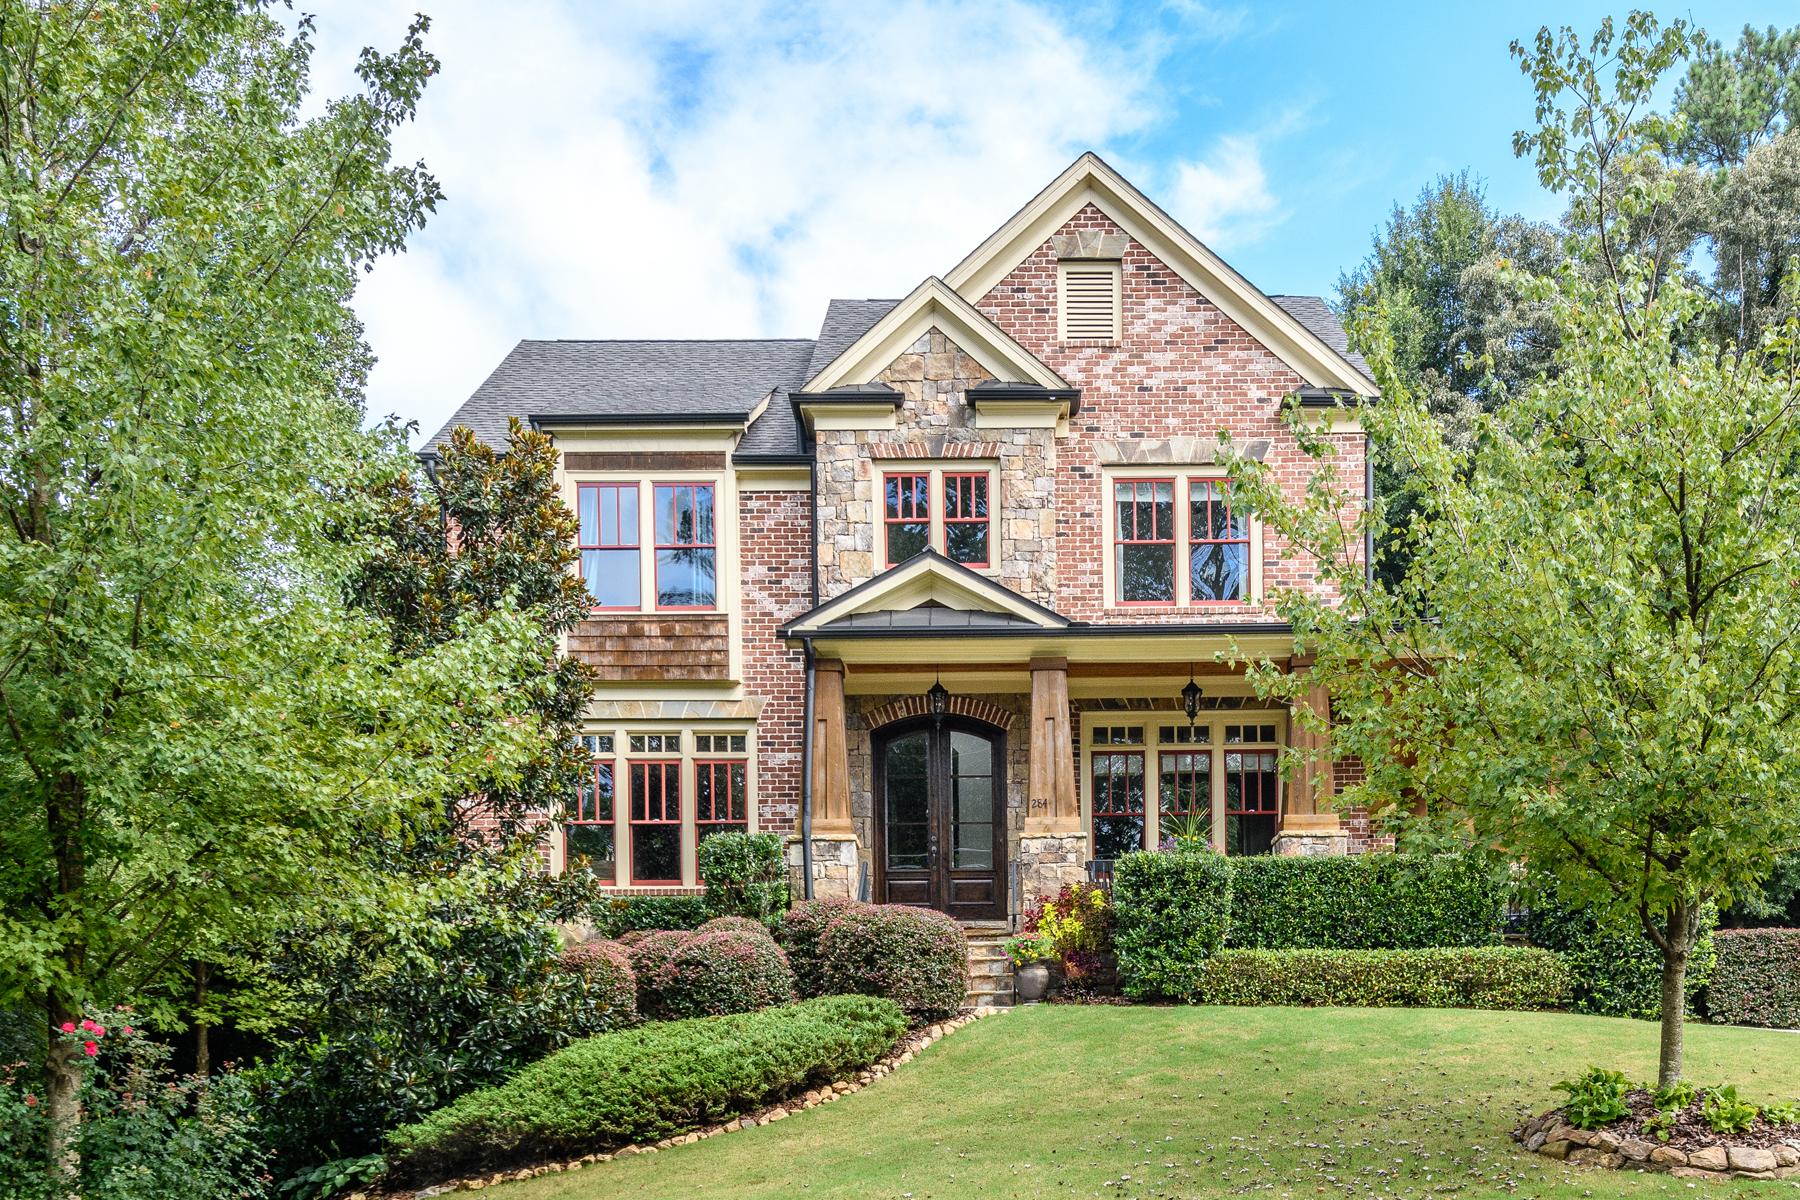 一戸建て のために 売買 アット Newer Craftsman Home With Cook's Kitchen Opening To Fireside Den 284 Hedden Road Atlanta, ジョージア 30342 アメリカ合衆国